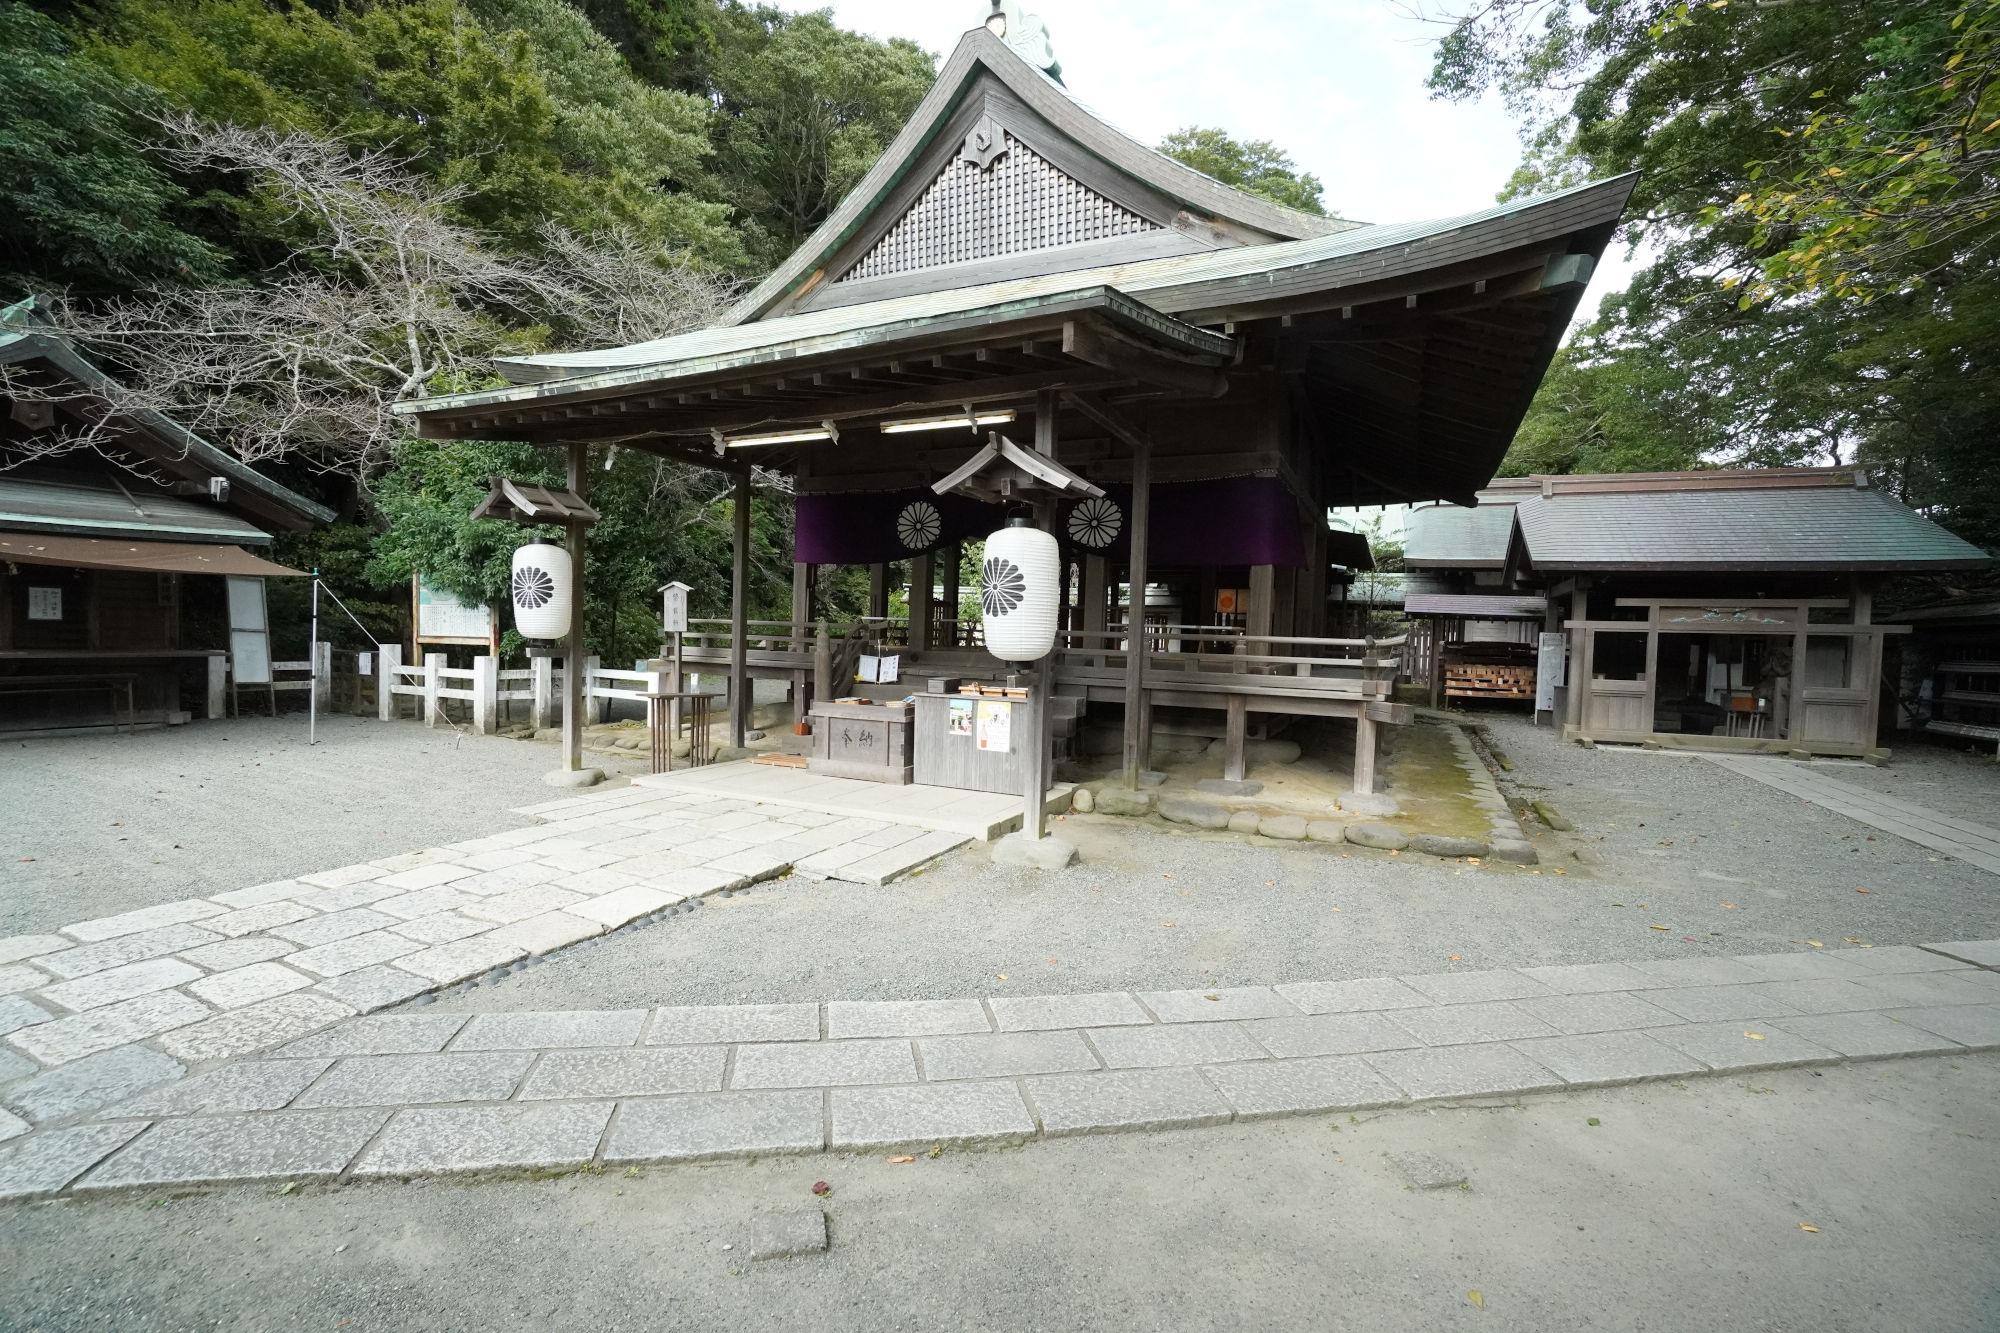 鎌倉宮の拝殿